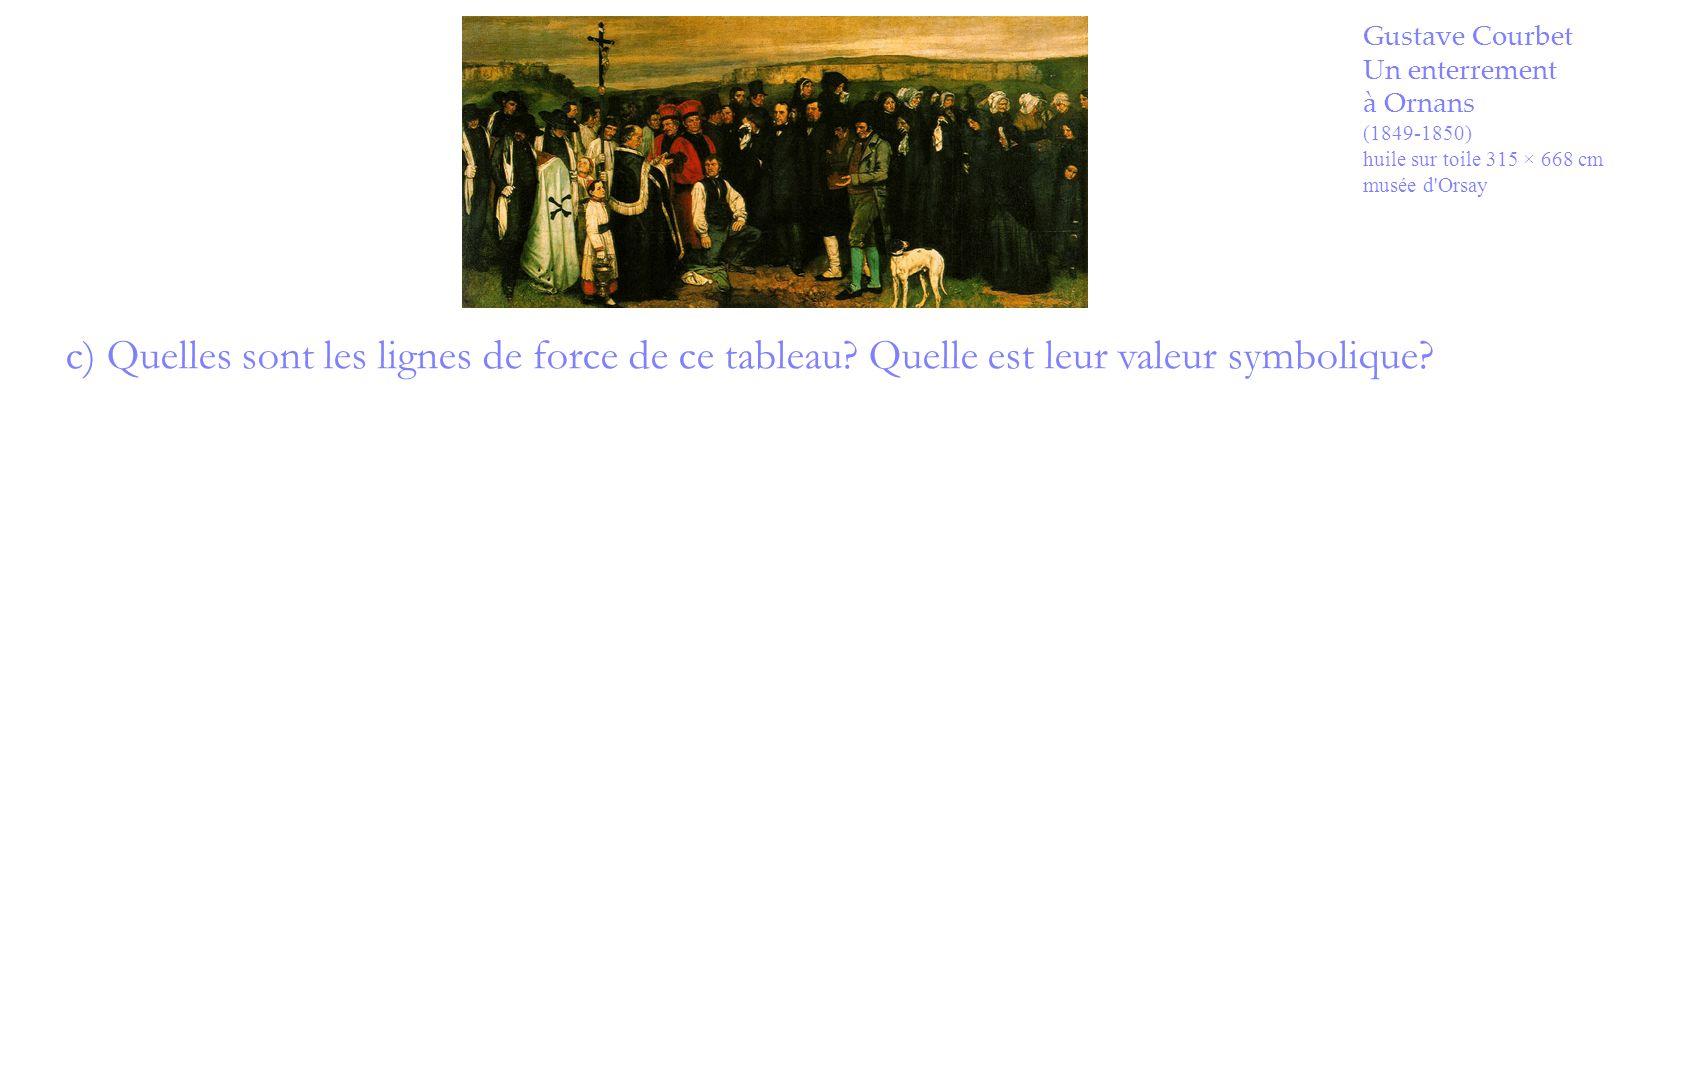 c) Quelles sont les lignes de force de ce tableau? Quelle est leur valeur symbolique? Gustave Courbet Un enterrement à Ornans (1849-1850) huile sur to